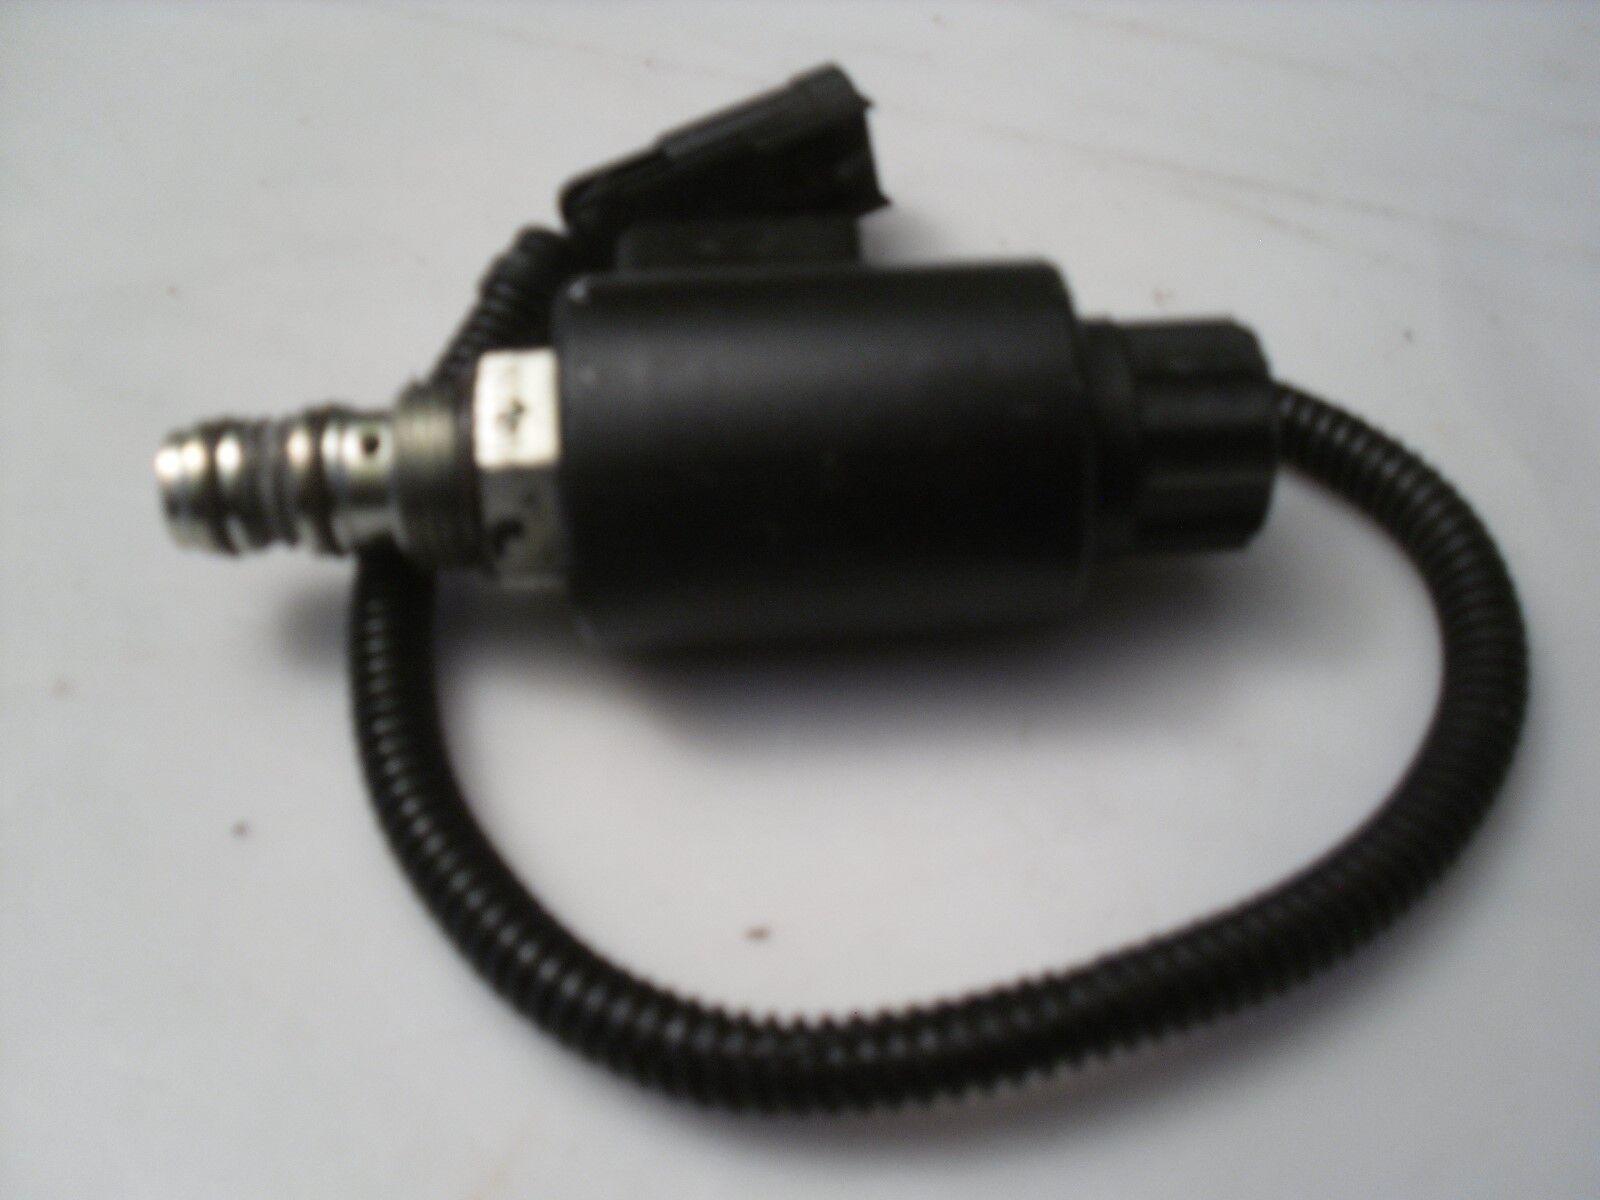 Utiliza John Deere Tractor Hydro Trans proporción Válvula LVA11872 Modelos